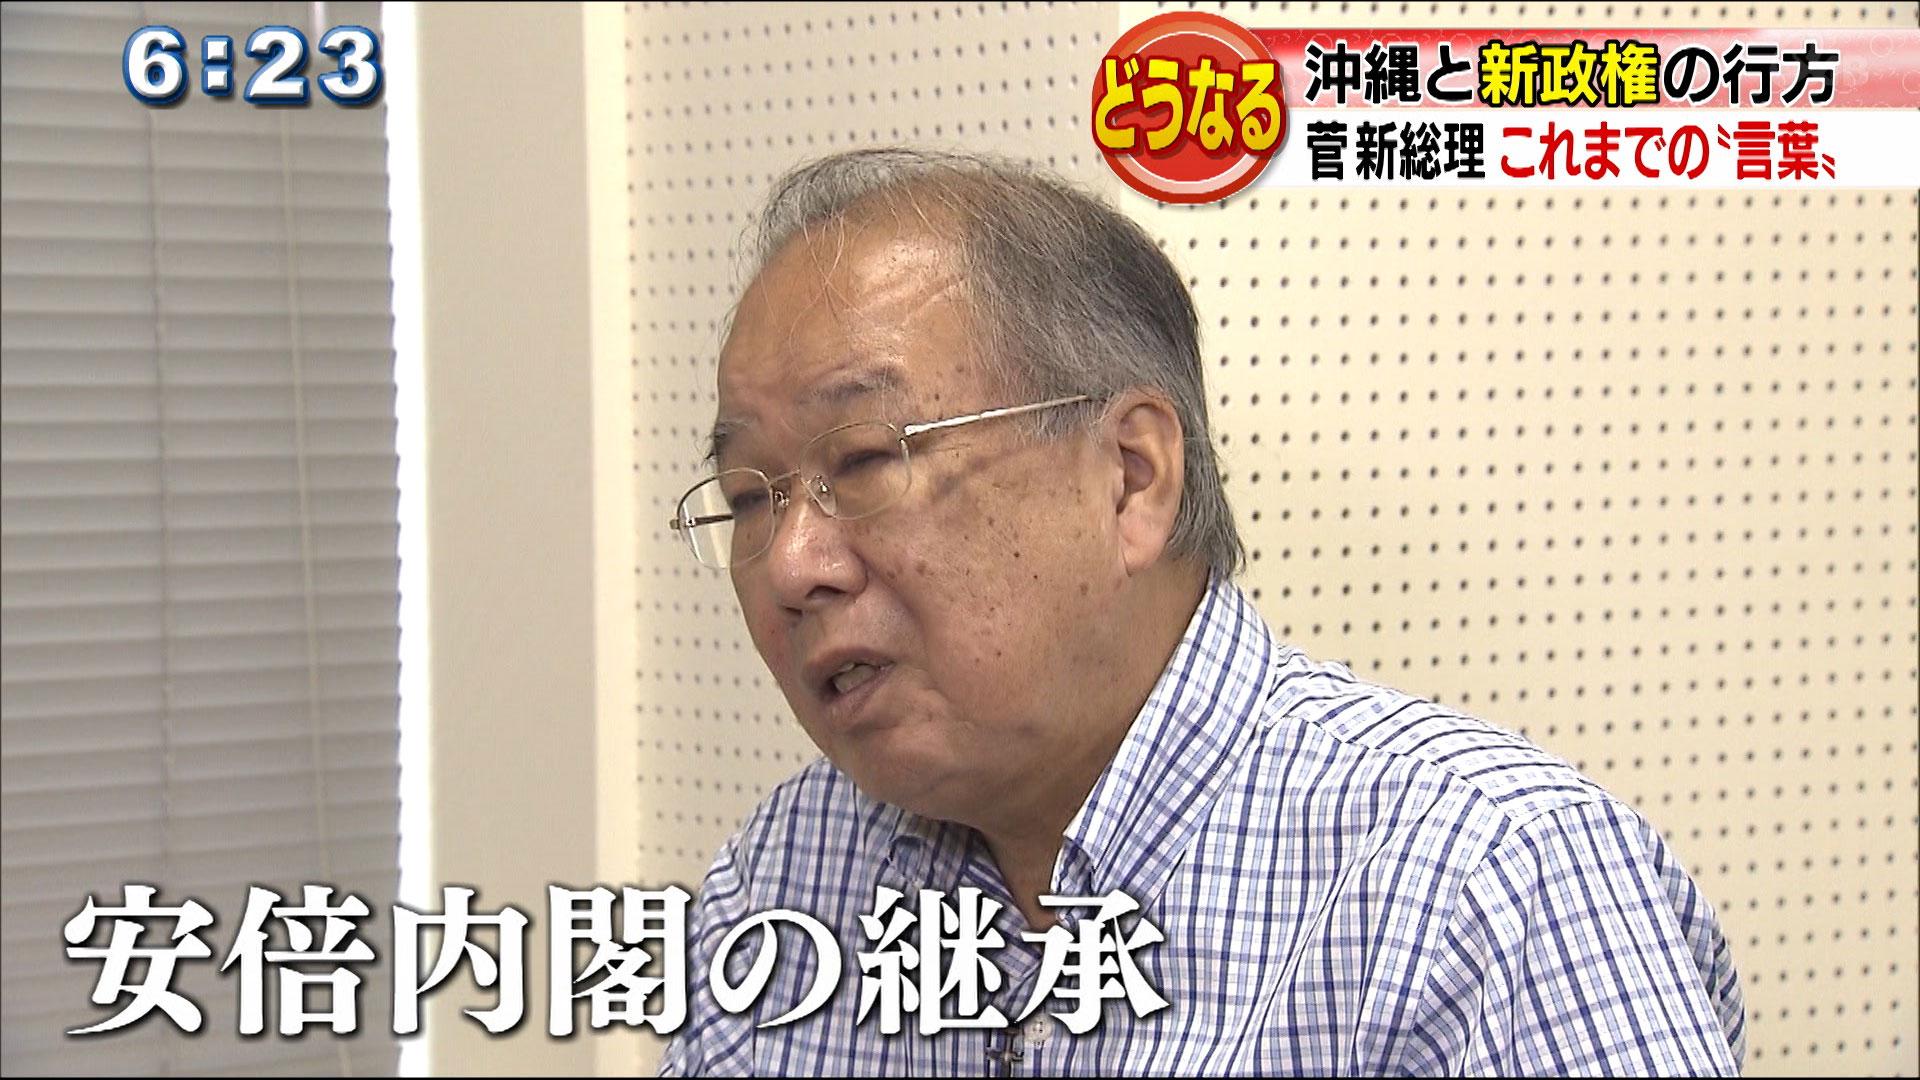 菅新総理誕生「菅語録」で見る新政権と沖縄の行方